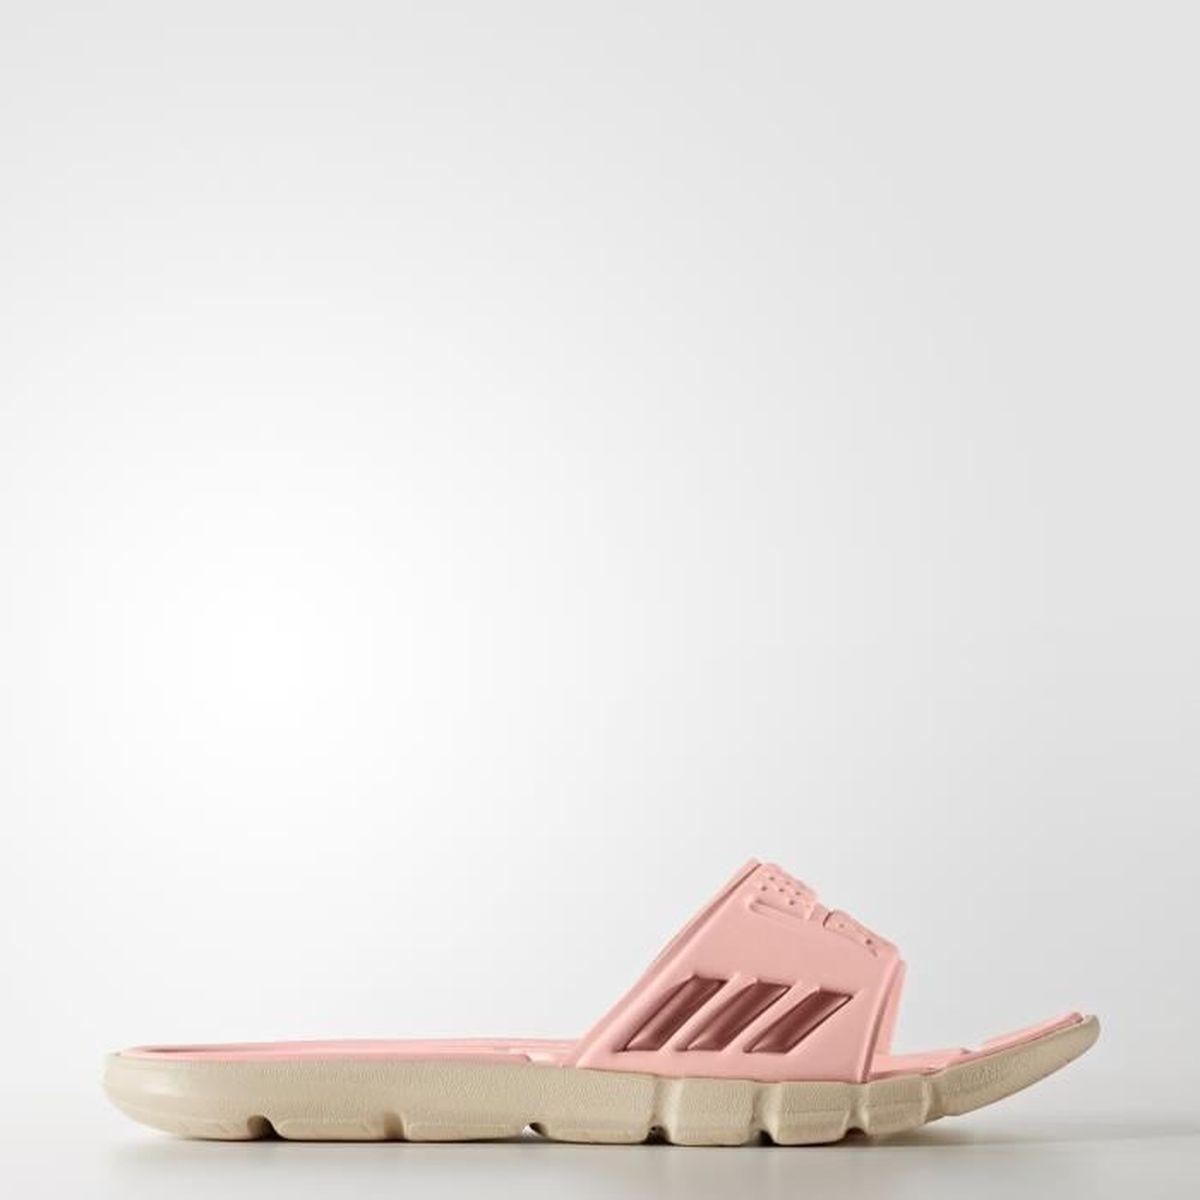 sale retailer 81b0c 2818d BALLON DE WATER-POLO Sandales femme adidas adipure Cloudfoam - rose cor